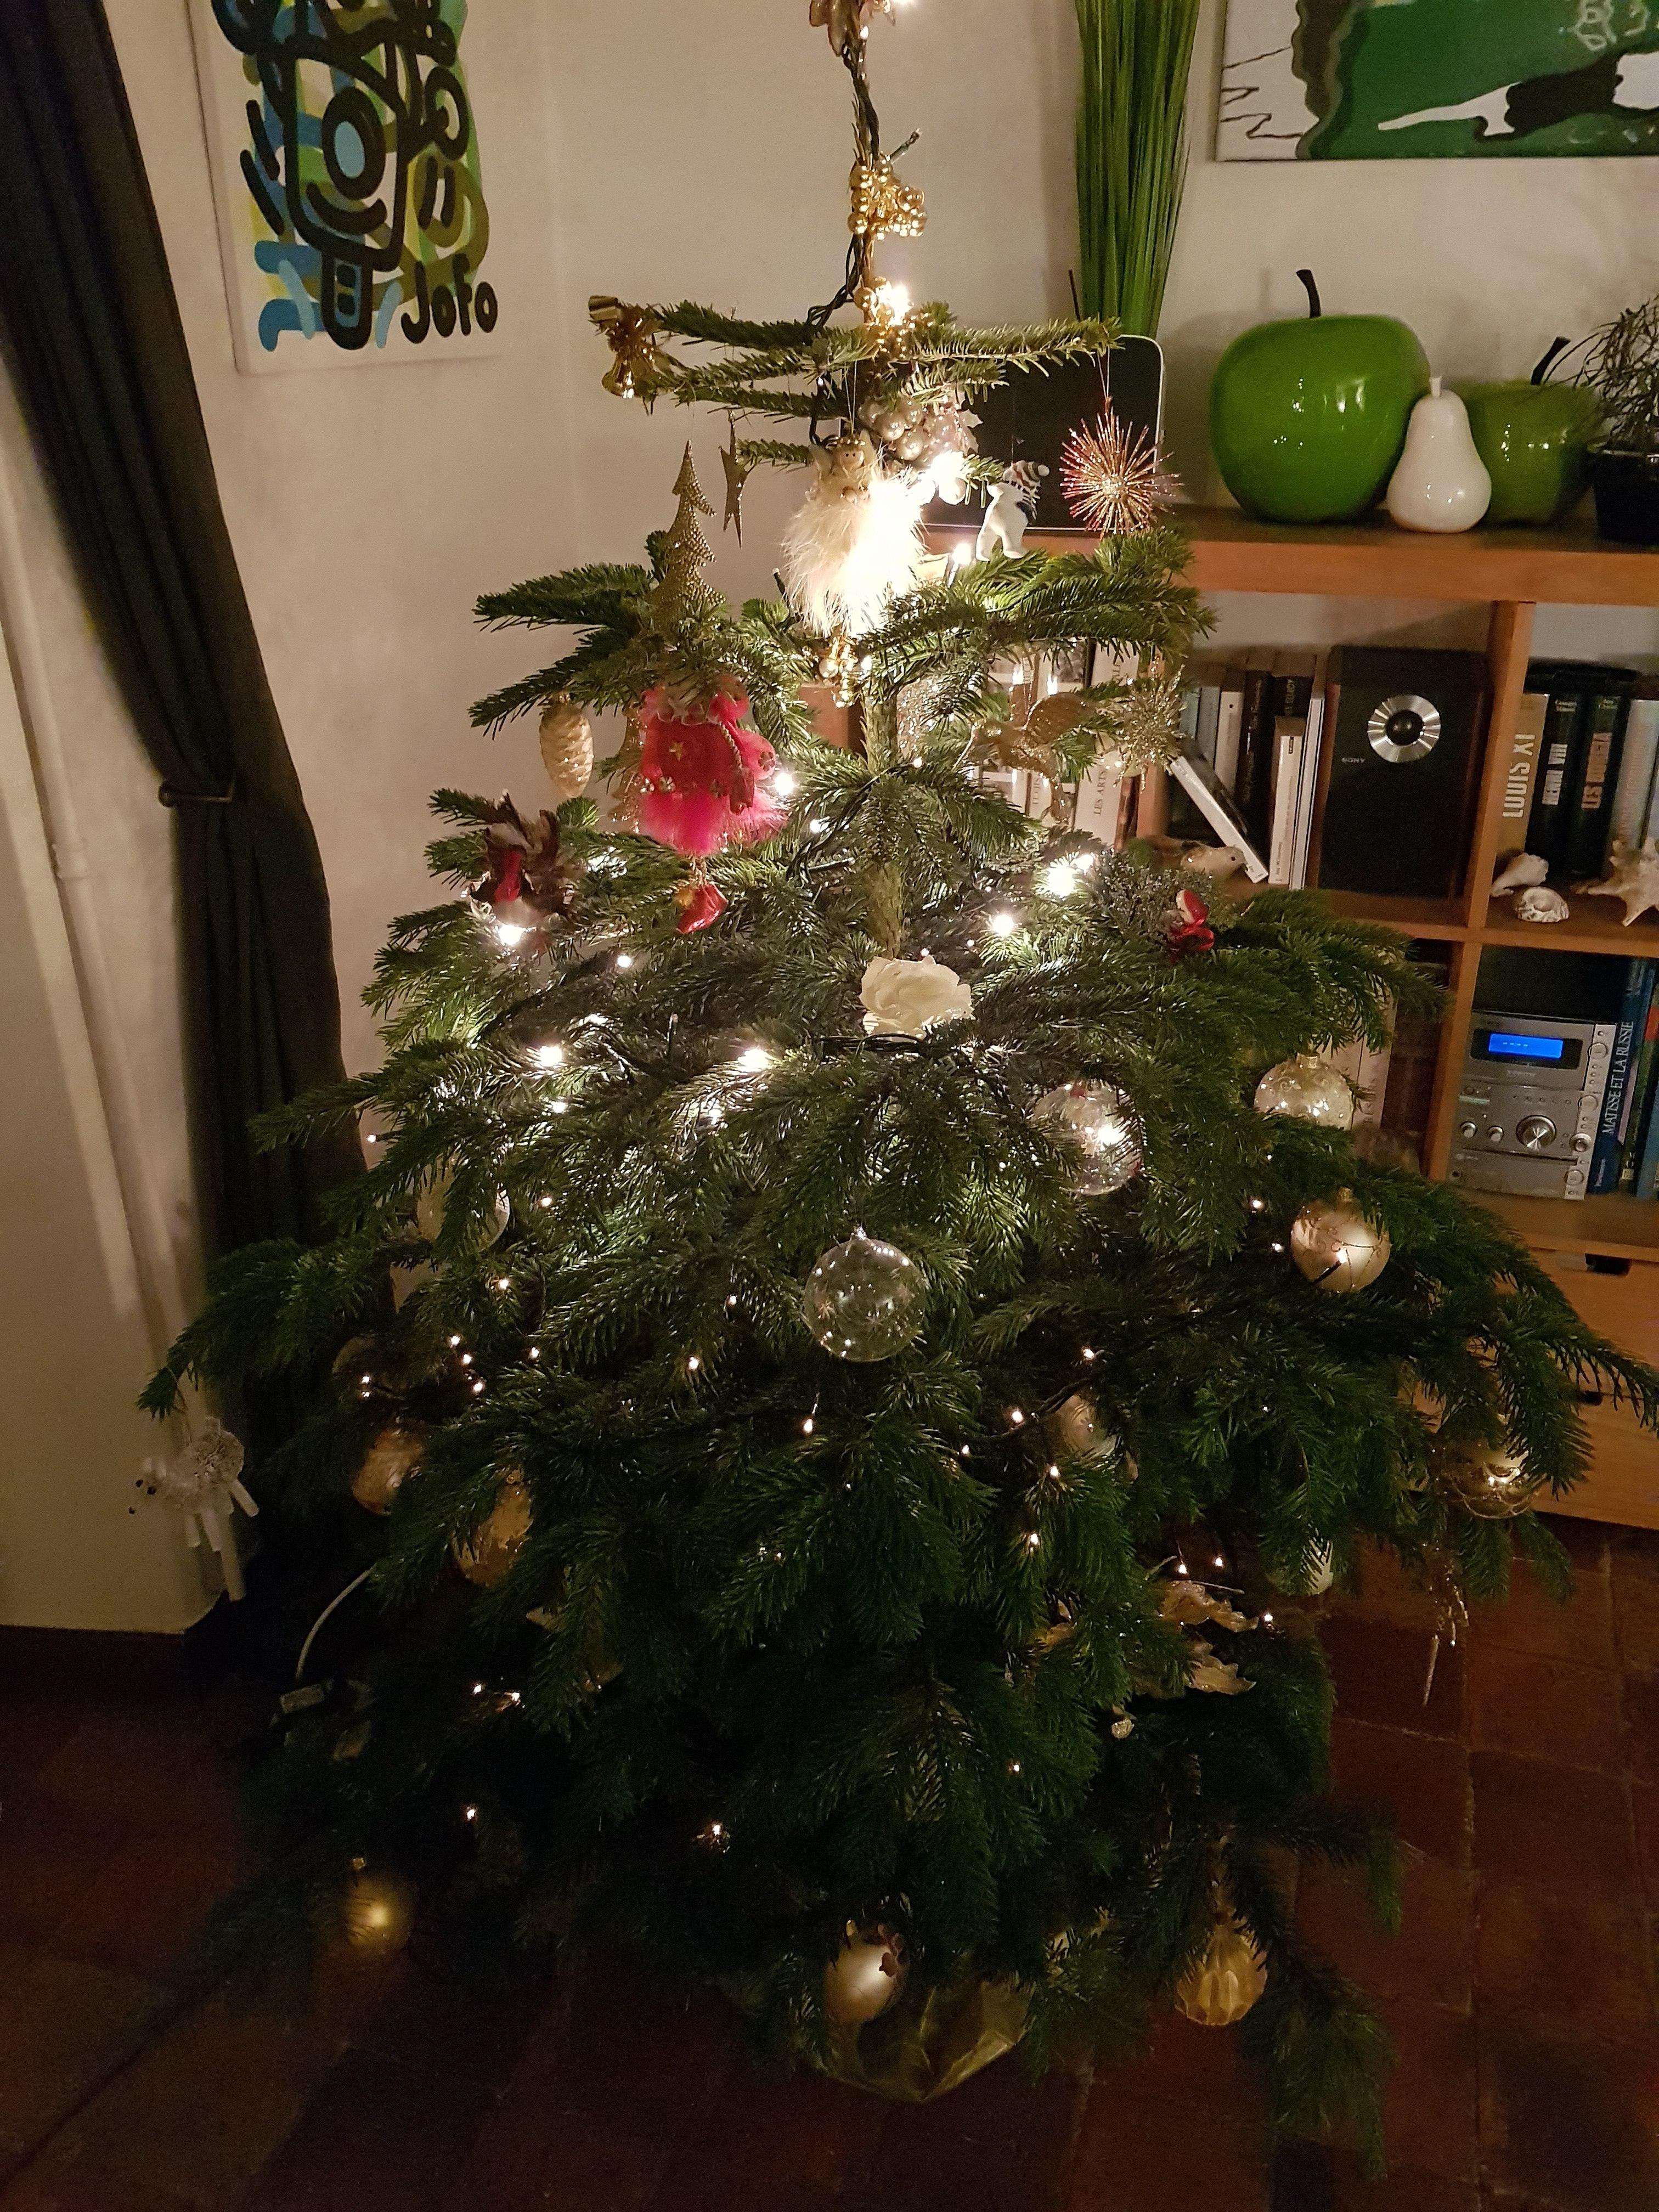 Sapin De Noel 240 File:Sapin de Noël 6.   Wikimedia Commons